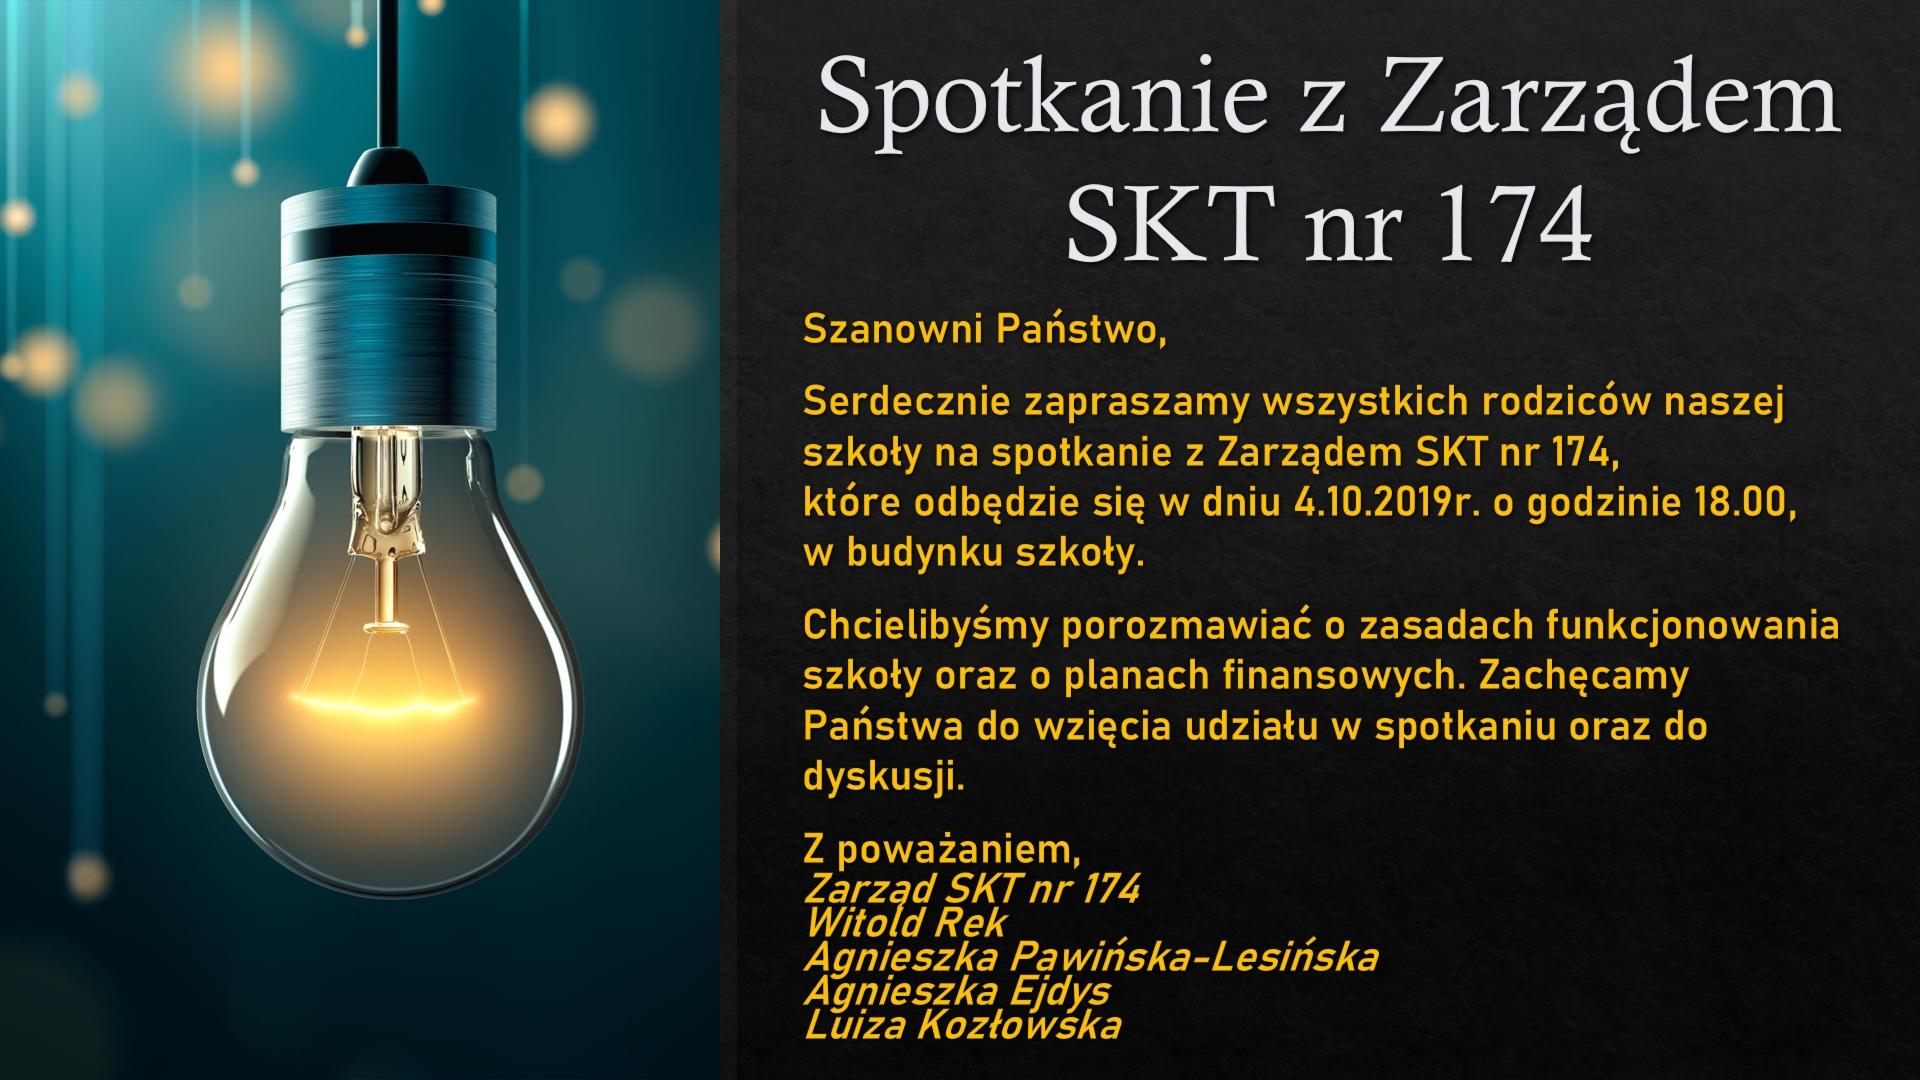 spotkanie_z_zarzadem_feature